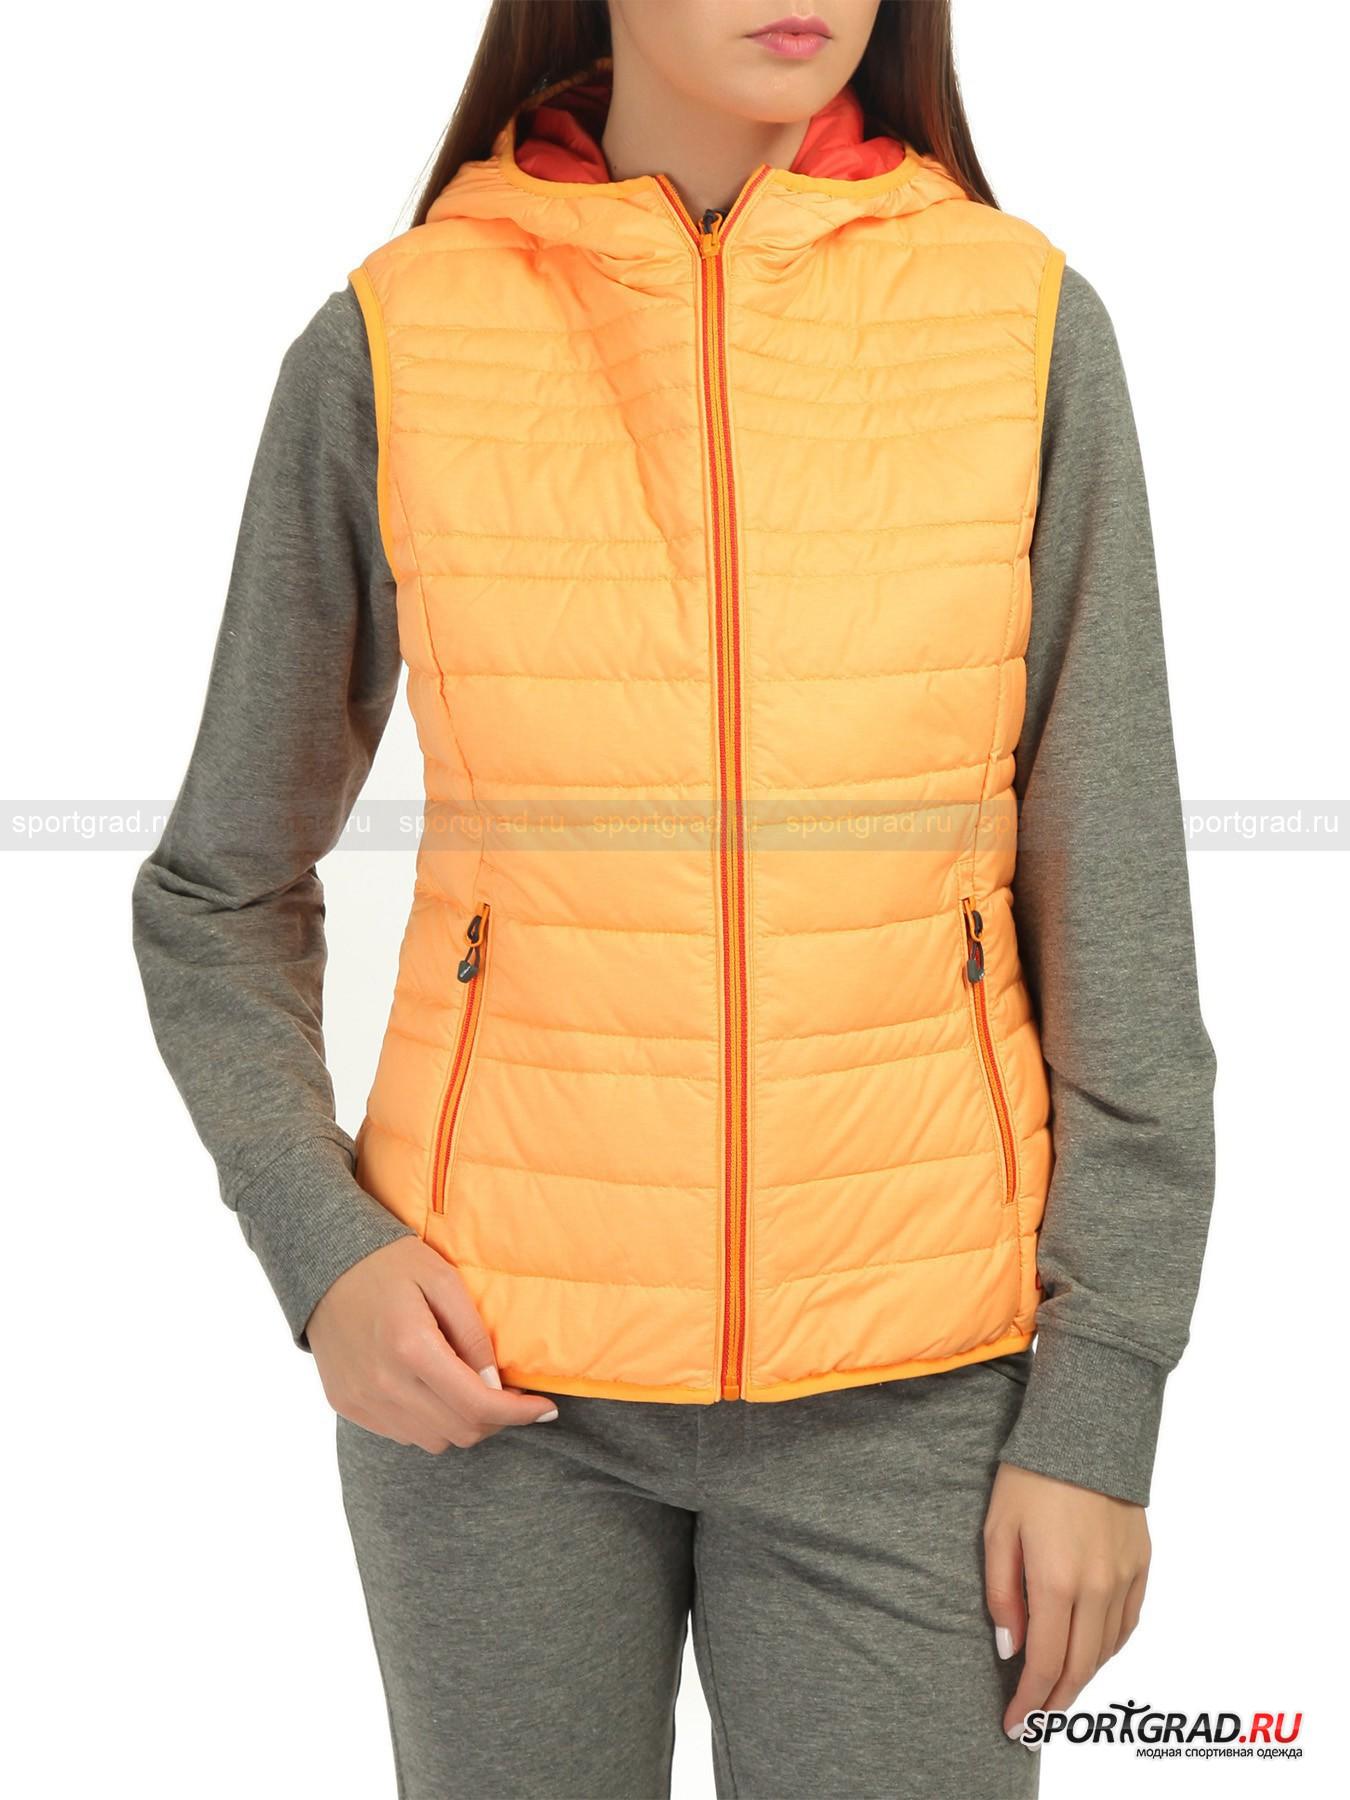 Жилет женский CAMPAGNOLO FIX HOODЖилеты<br>Итальянский производитель постарался сделать женскую модель пухового жилета максимально легкой, аккуратной и практичной.  CAMPAGNOLO FIX HOOD обладает утеплителем из пуха и пера и отлично подойдет в демисезонный период года, когда погода частенько бывает прохладной. Но сами производители настаивают, что этот предмет одежды пригодится и в походных условиях за счет своих теплосберегающих свойств. К тому же внутренний полиэстеровый слой плотно удерживает утеплитель от вылезания, поэтому куртка долгое время будет выглядеть, будто ее только купили. Изюминкой всей этой композиции является опция компактного складывания в мешочек. Стало слишком жарко во время пути? Больше не нужно таскать верхнюю одежду в руках, ее можно просто убрать в рюкзак.<br><br>•Удобный капюшон<br>•Фронтальная молния<br>•Два передних кармана на молнии<br>•Два внутренних глубоких кармана<br><br>Пол: Женский<br>Возраст: Взрослый<br>Тип: Жилеты<br>Рекомендации по уходу: Стирка при температуре 30 С; минимум чистящего средства; при стирке использовать 2 теннисных мячика, чтобы не сбивался пух; отбеливание запрещено; сушка в барабане; не гладить; химчистка запрещена; рекомендуется аквачистка; при стирке не смешивать с издел<br>Состав: 100% полиэстер, утеплитель – 90% пух/10% перо.